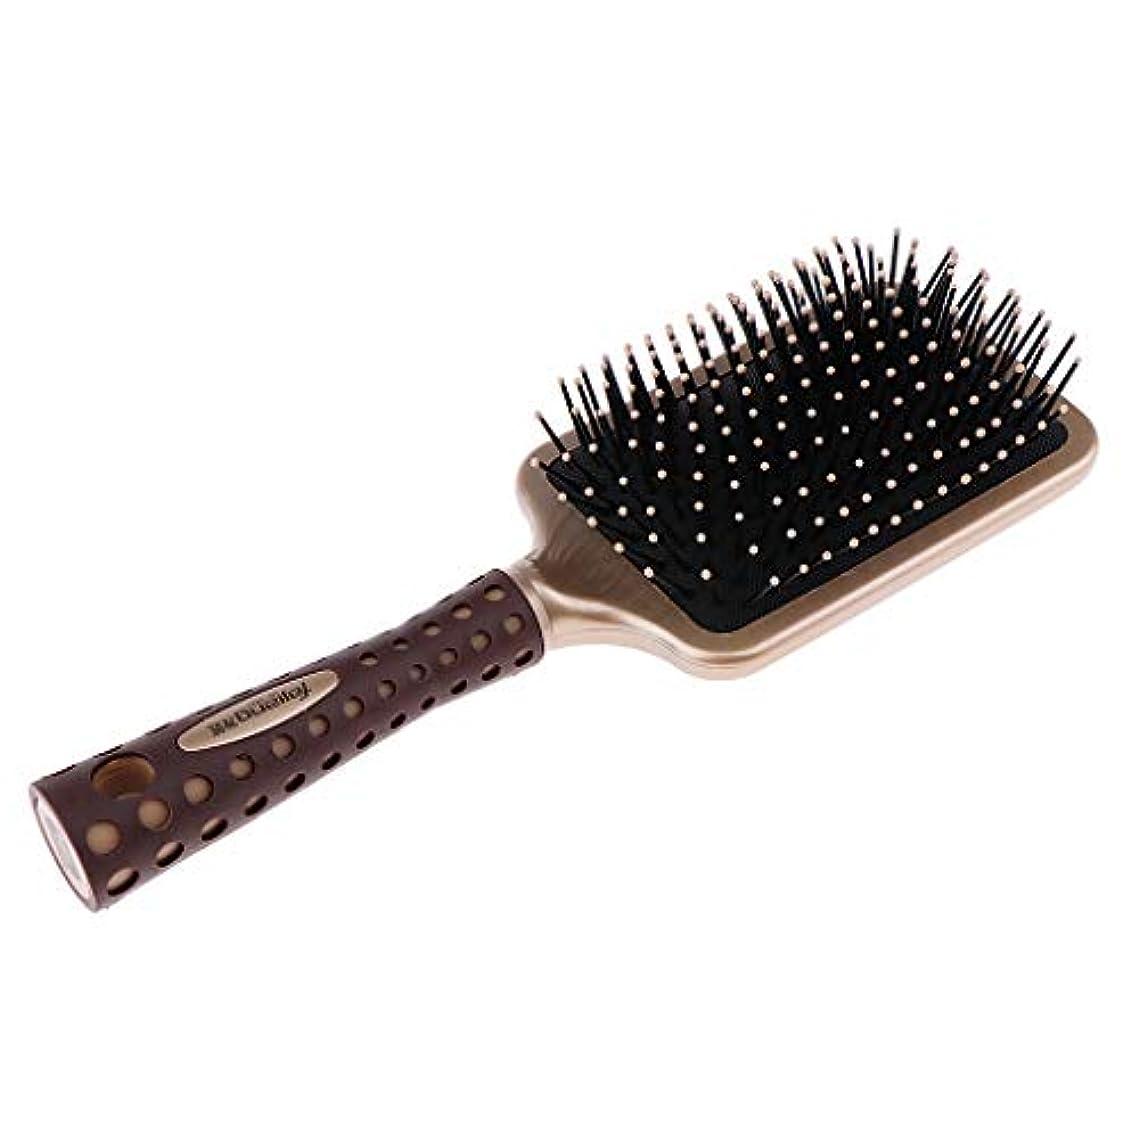 懐疑的レイレイアB Baosity 静電防止櫛 クッションヘアブラシ 頭皮マッサージ プロ ヘアーサロン 美容師 2サイズ選べ - L